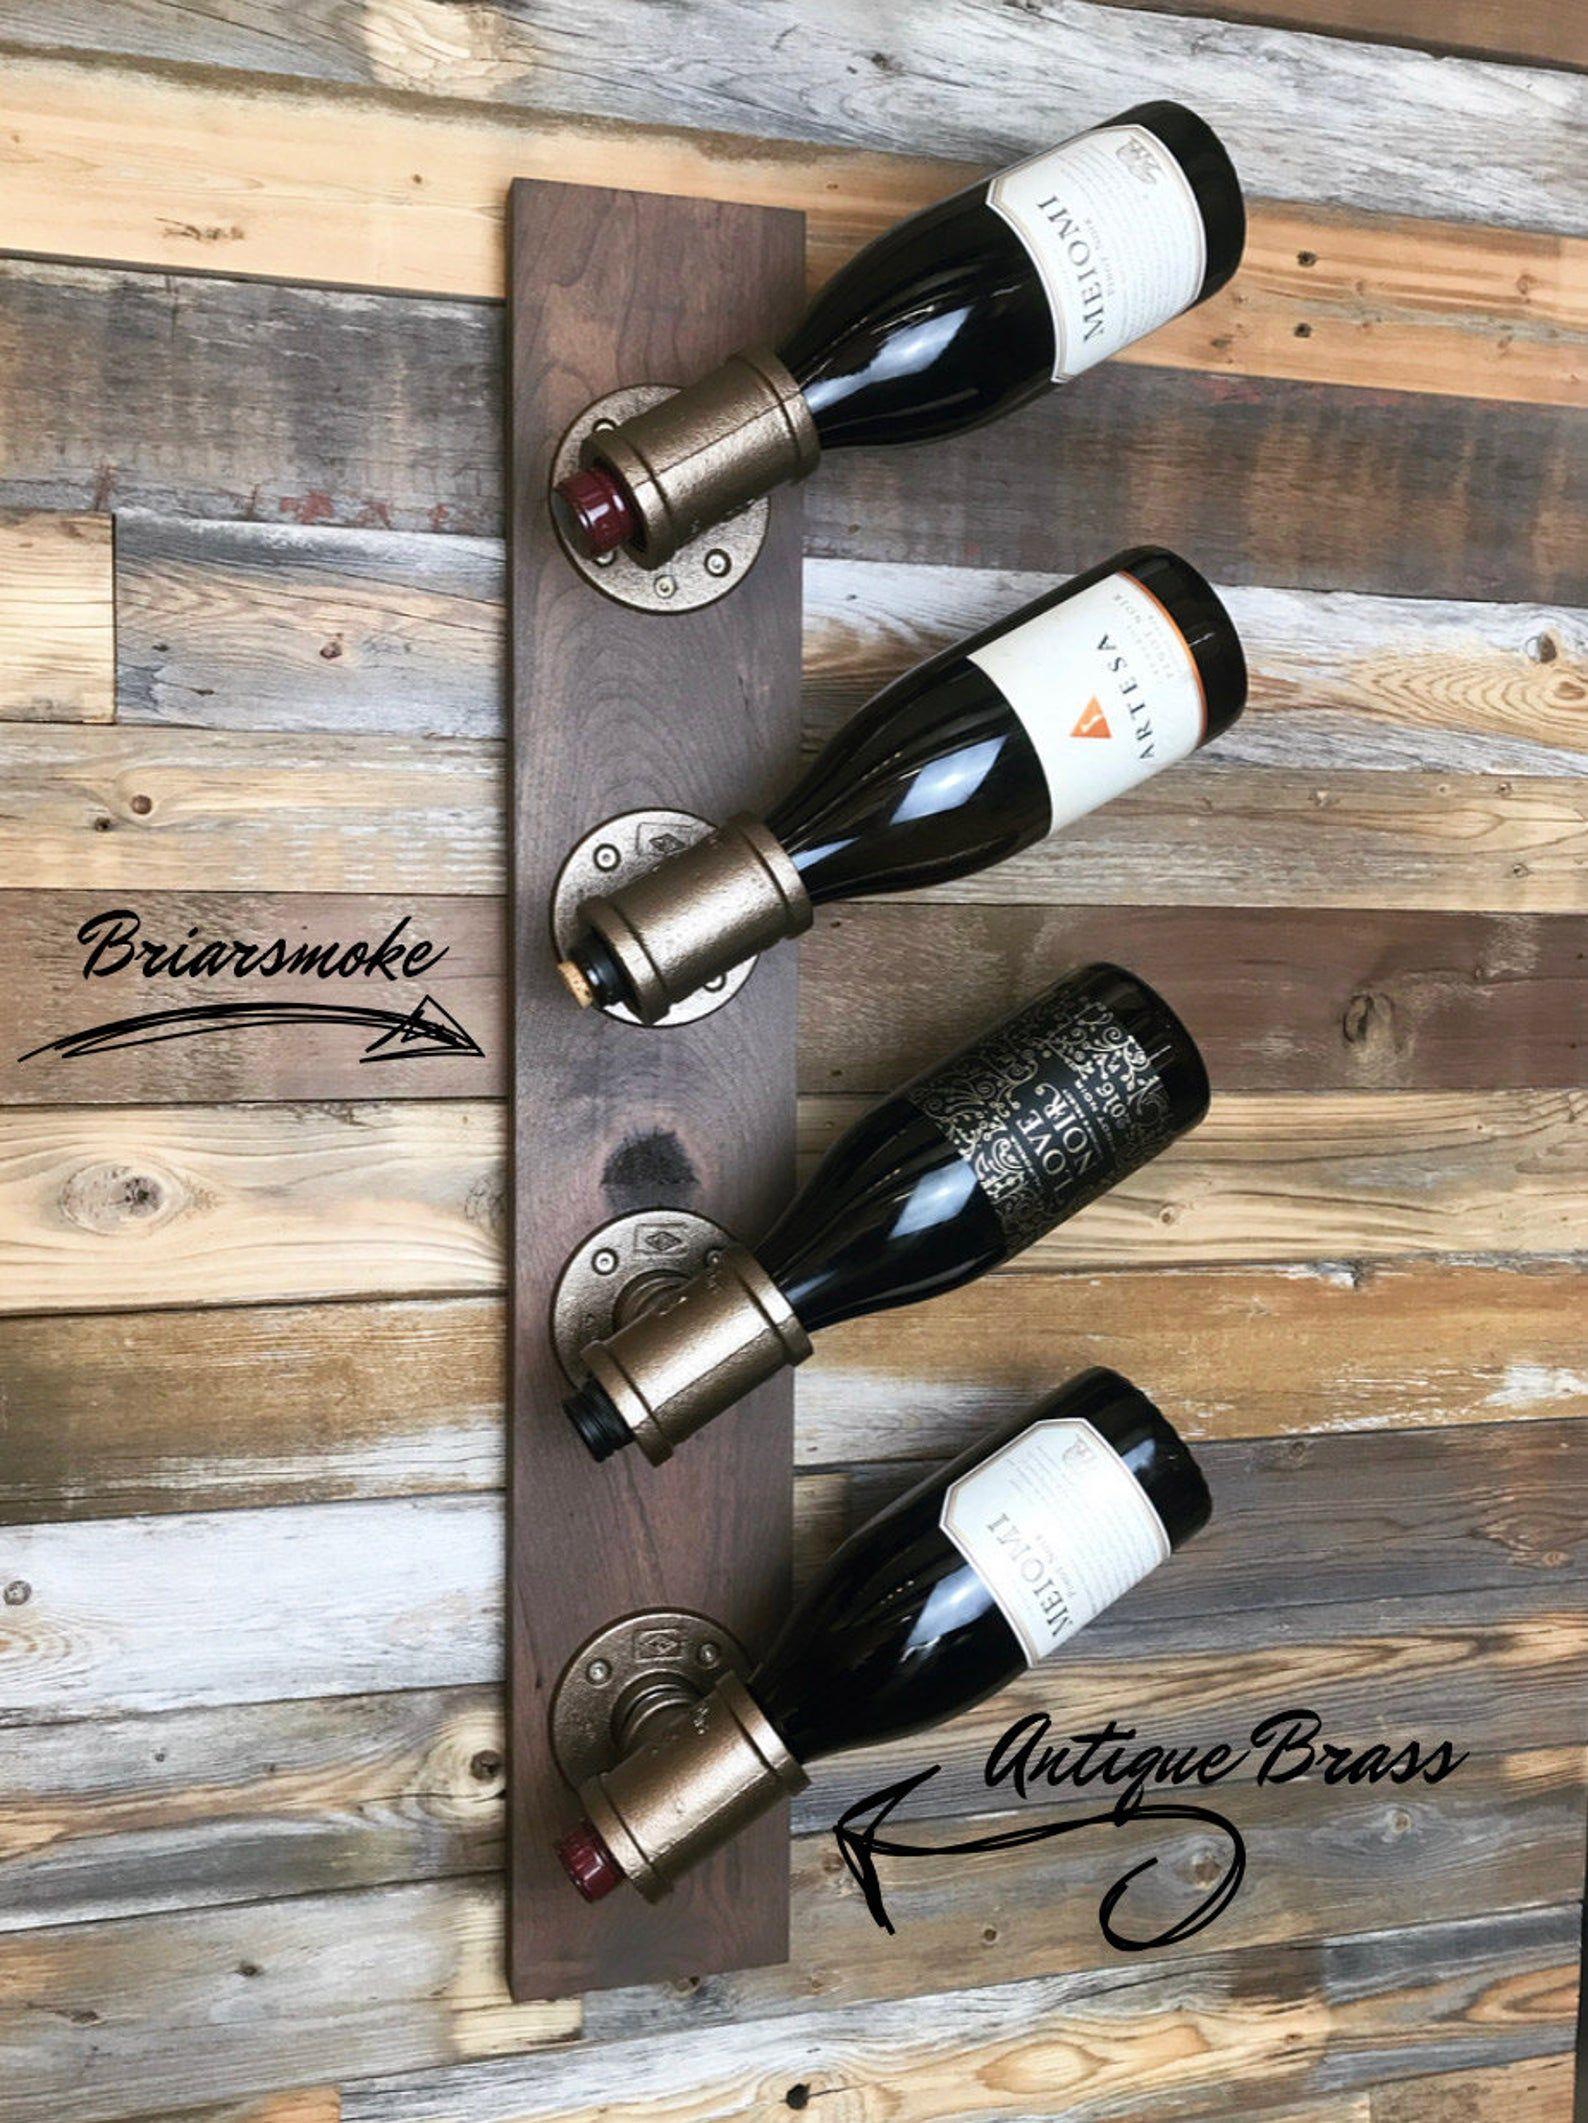 Tuyau Industriel Casier A Vin 4 Bouteilles En 2020 Etageres A Bouteilles De Vin Casier Vin Mur De Bouteille De Vin